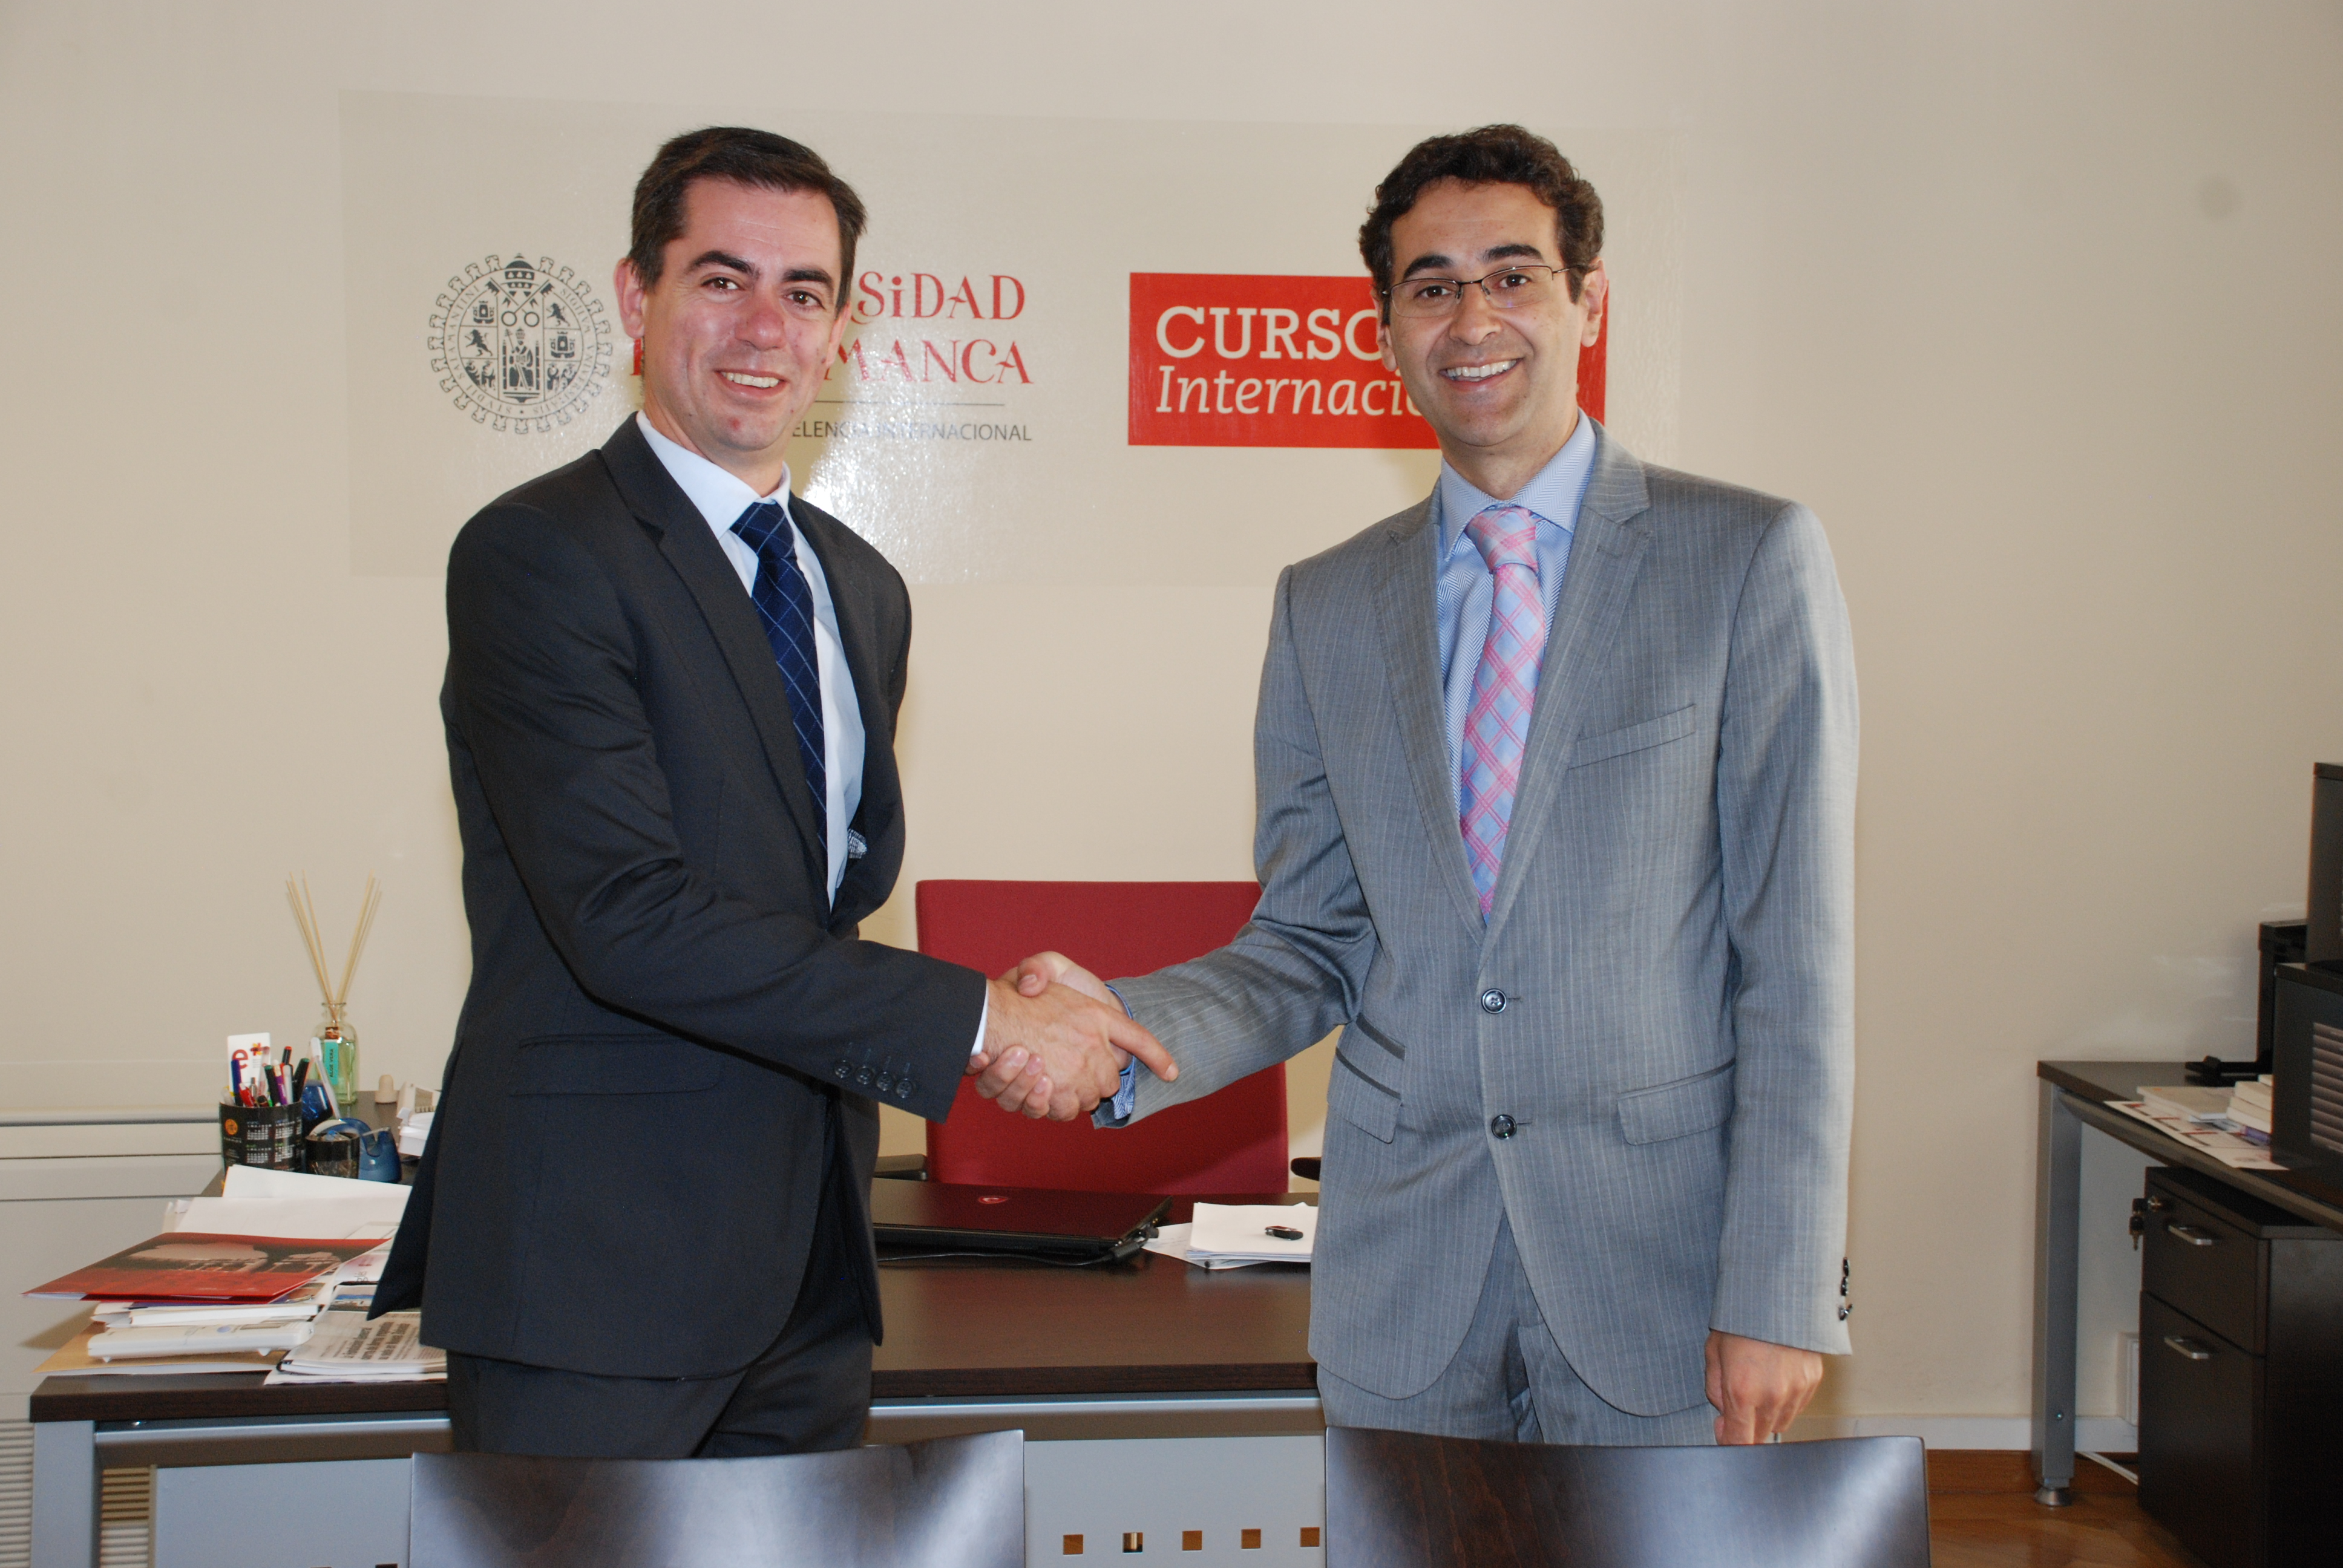 La Universidad de Salamanca y la DO Rueda se unen para acercar la cultura del vino a los estudiantes extranjeros